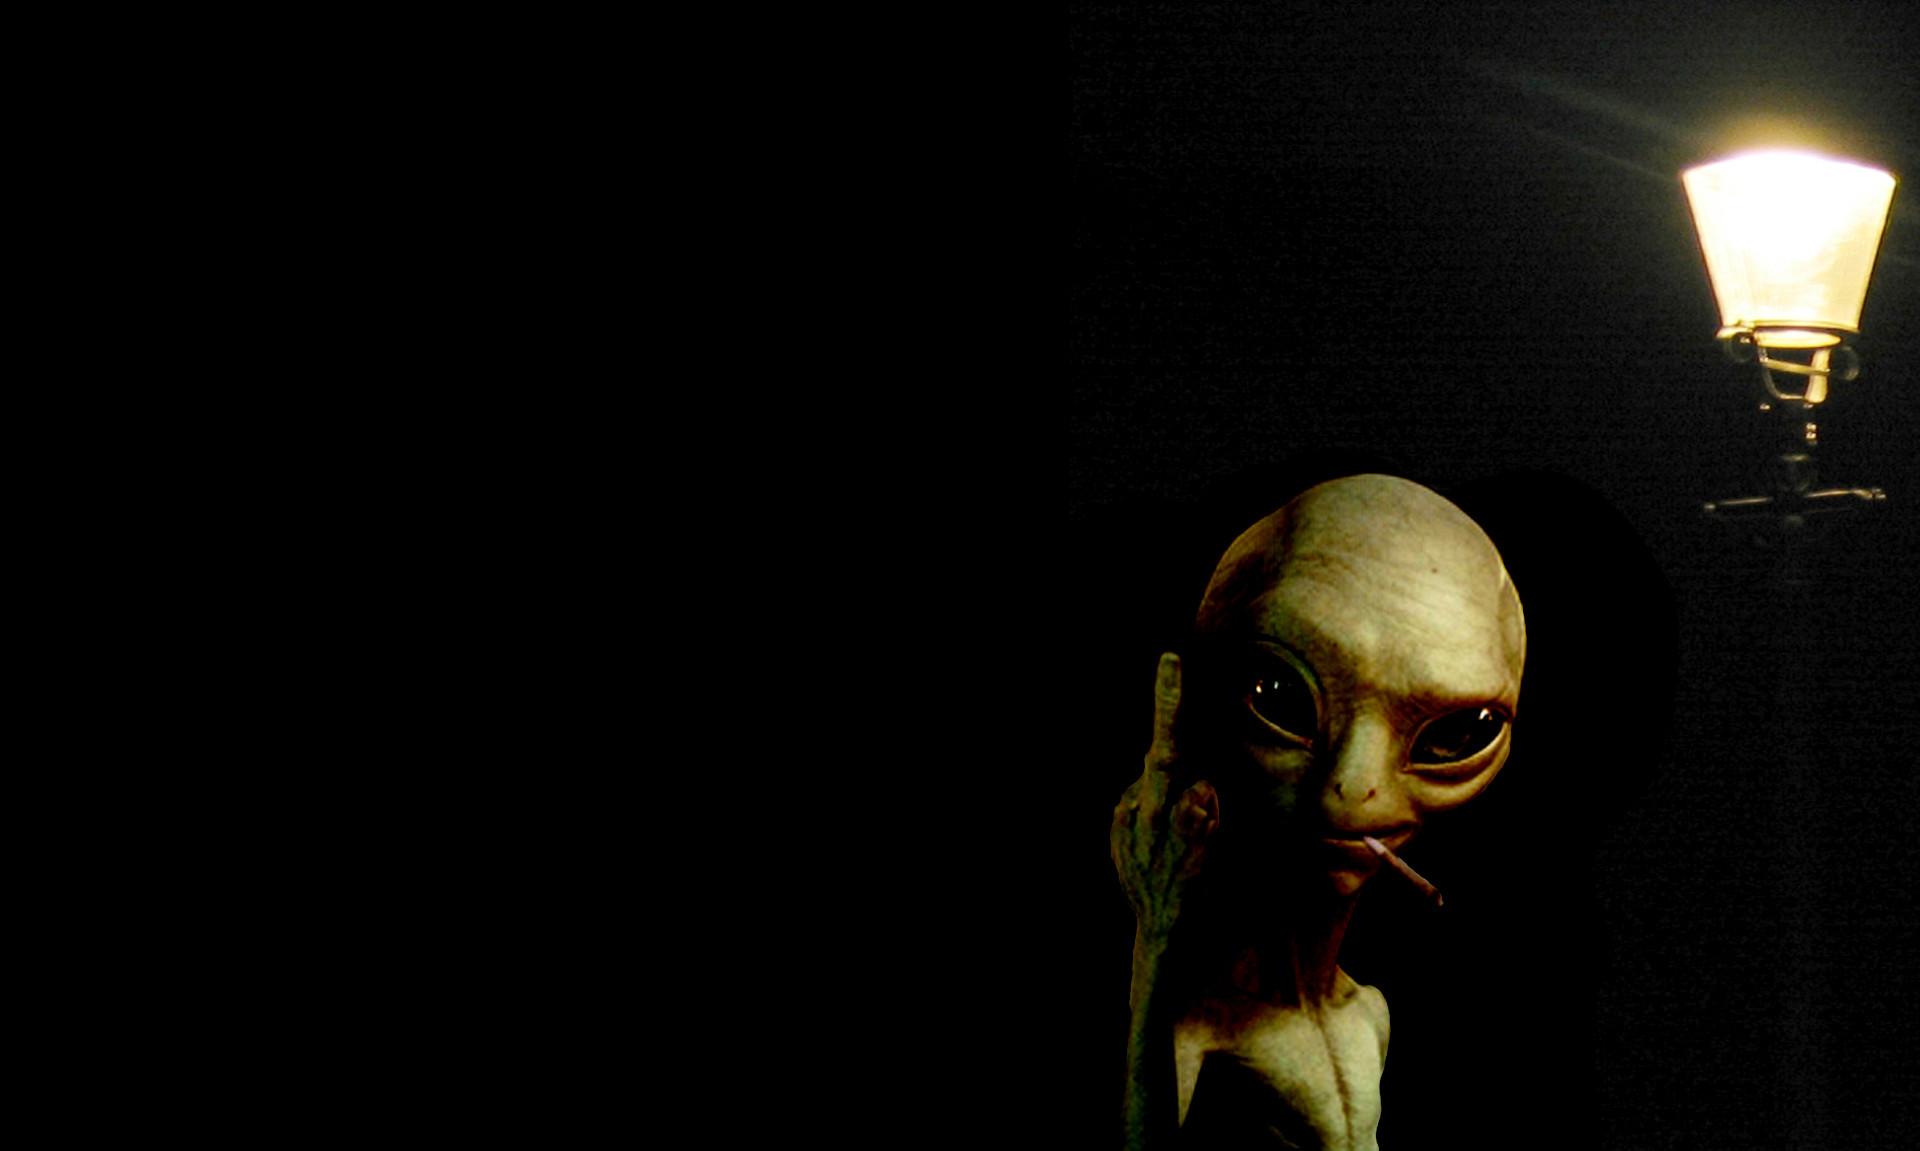 paul alien hd wallpapers